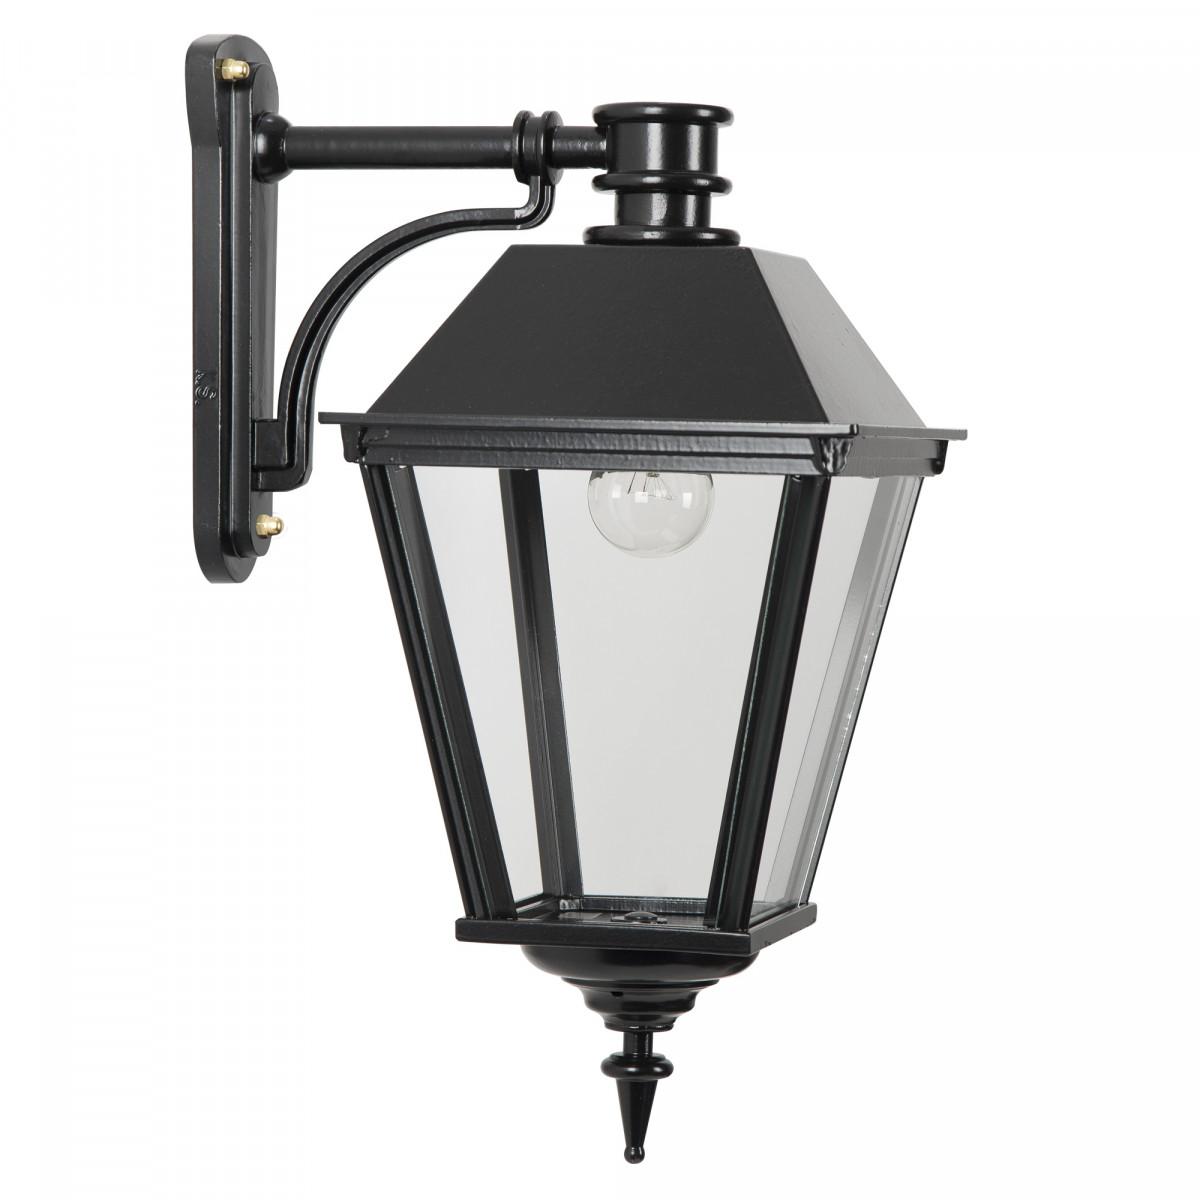 buitenverlichting, klassieke buitenlamp van KS Verlichting type Halle M, prachtige strak klassieke gevelverlichting, originele klassiek landelijke KS kwaliteitsverlichting